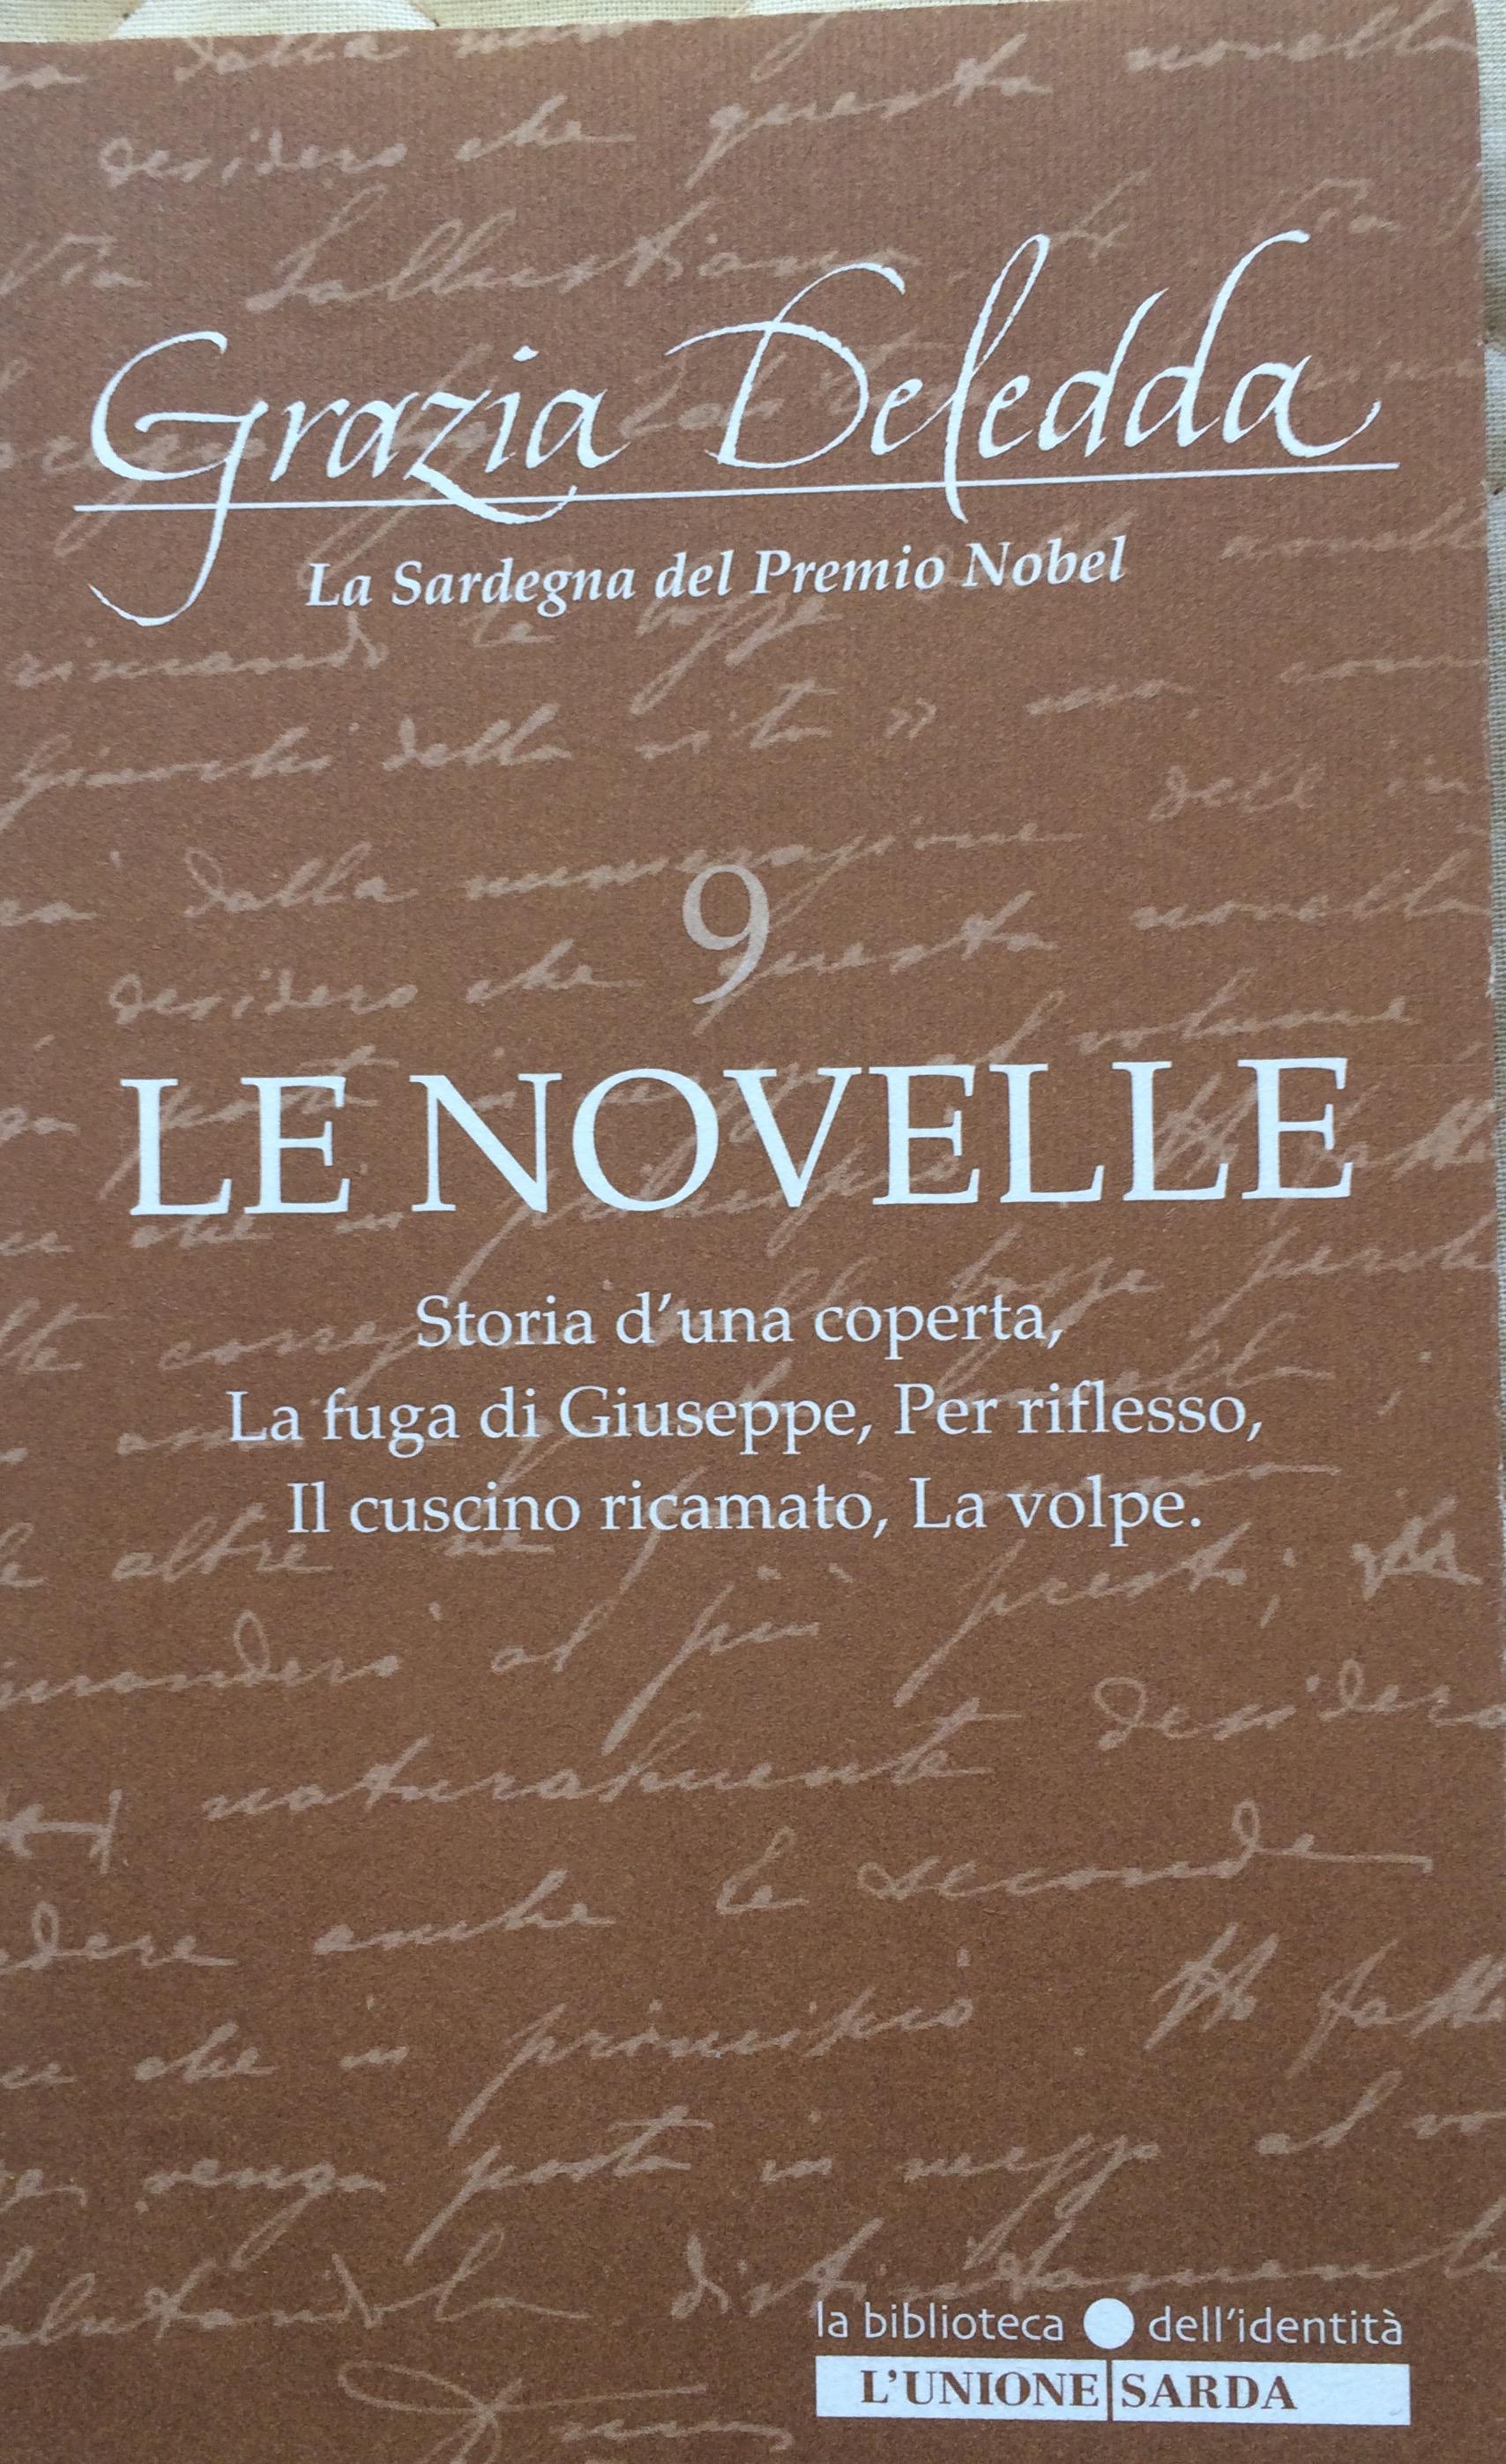 Le Novelle, 09